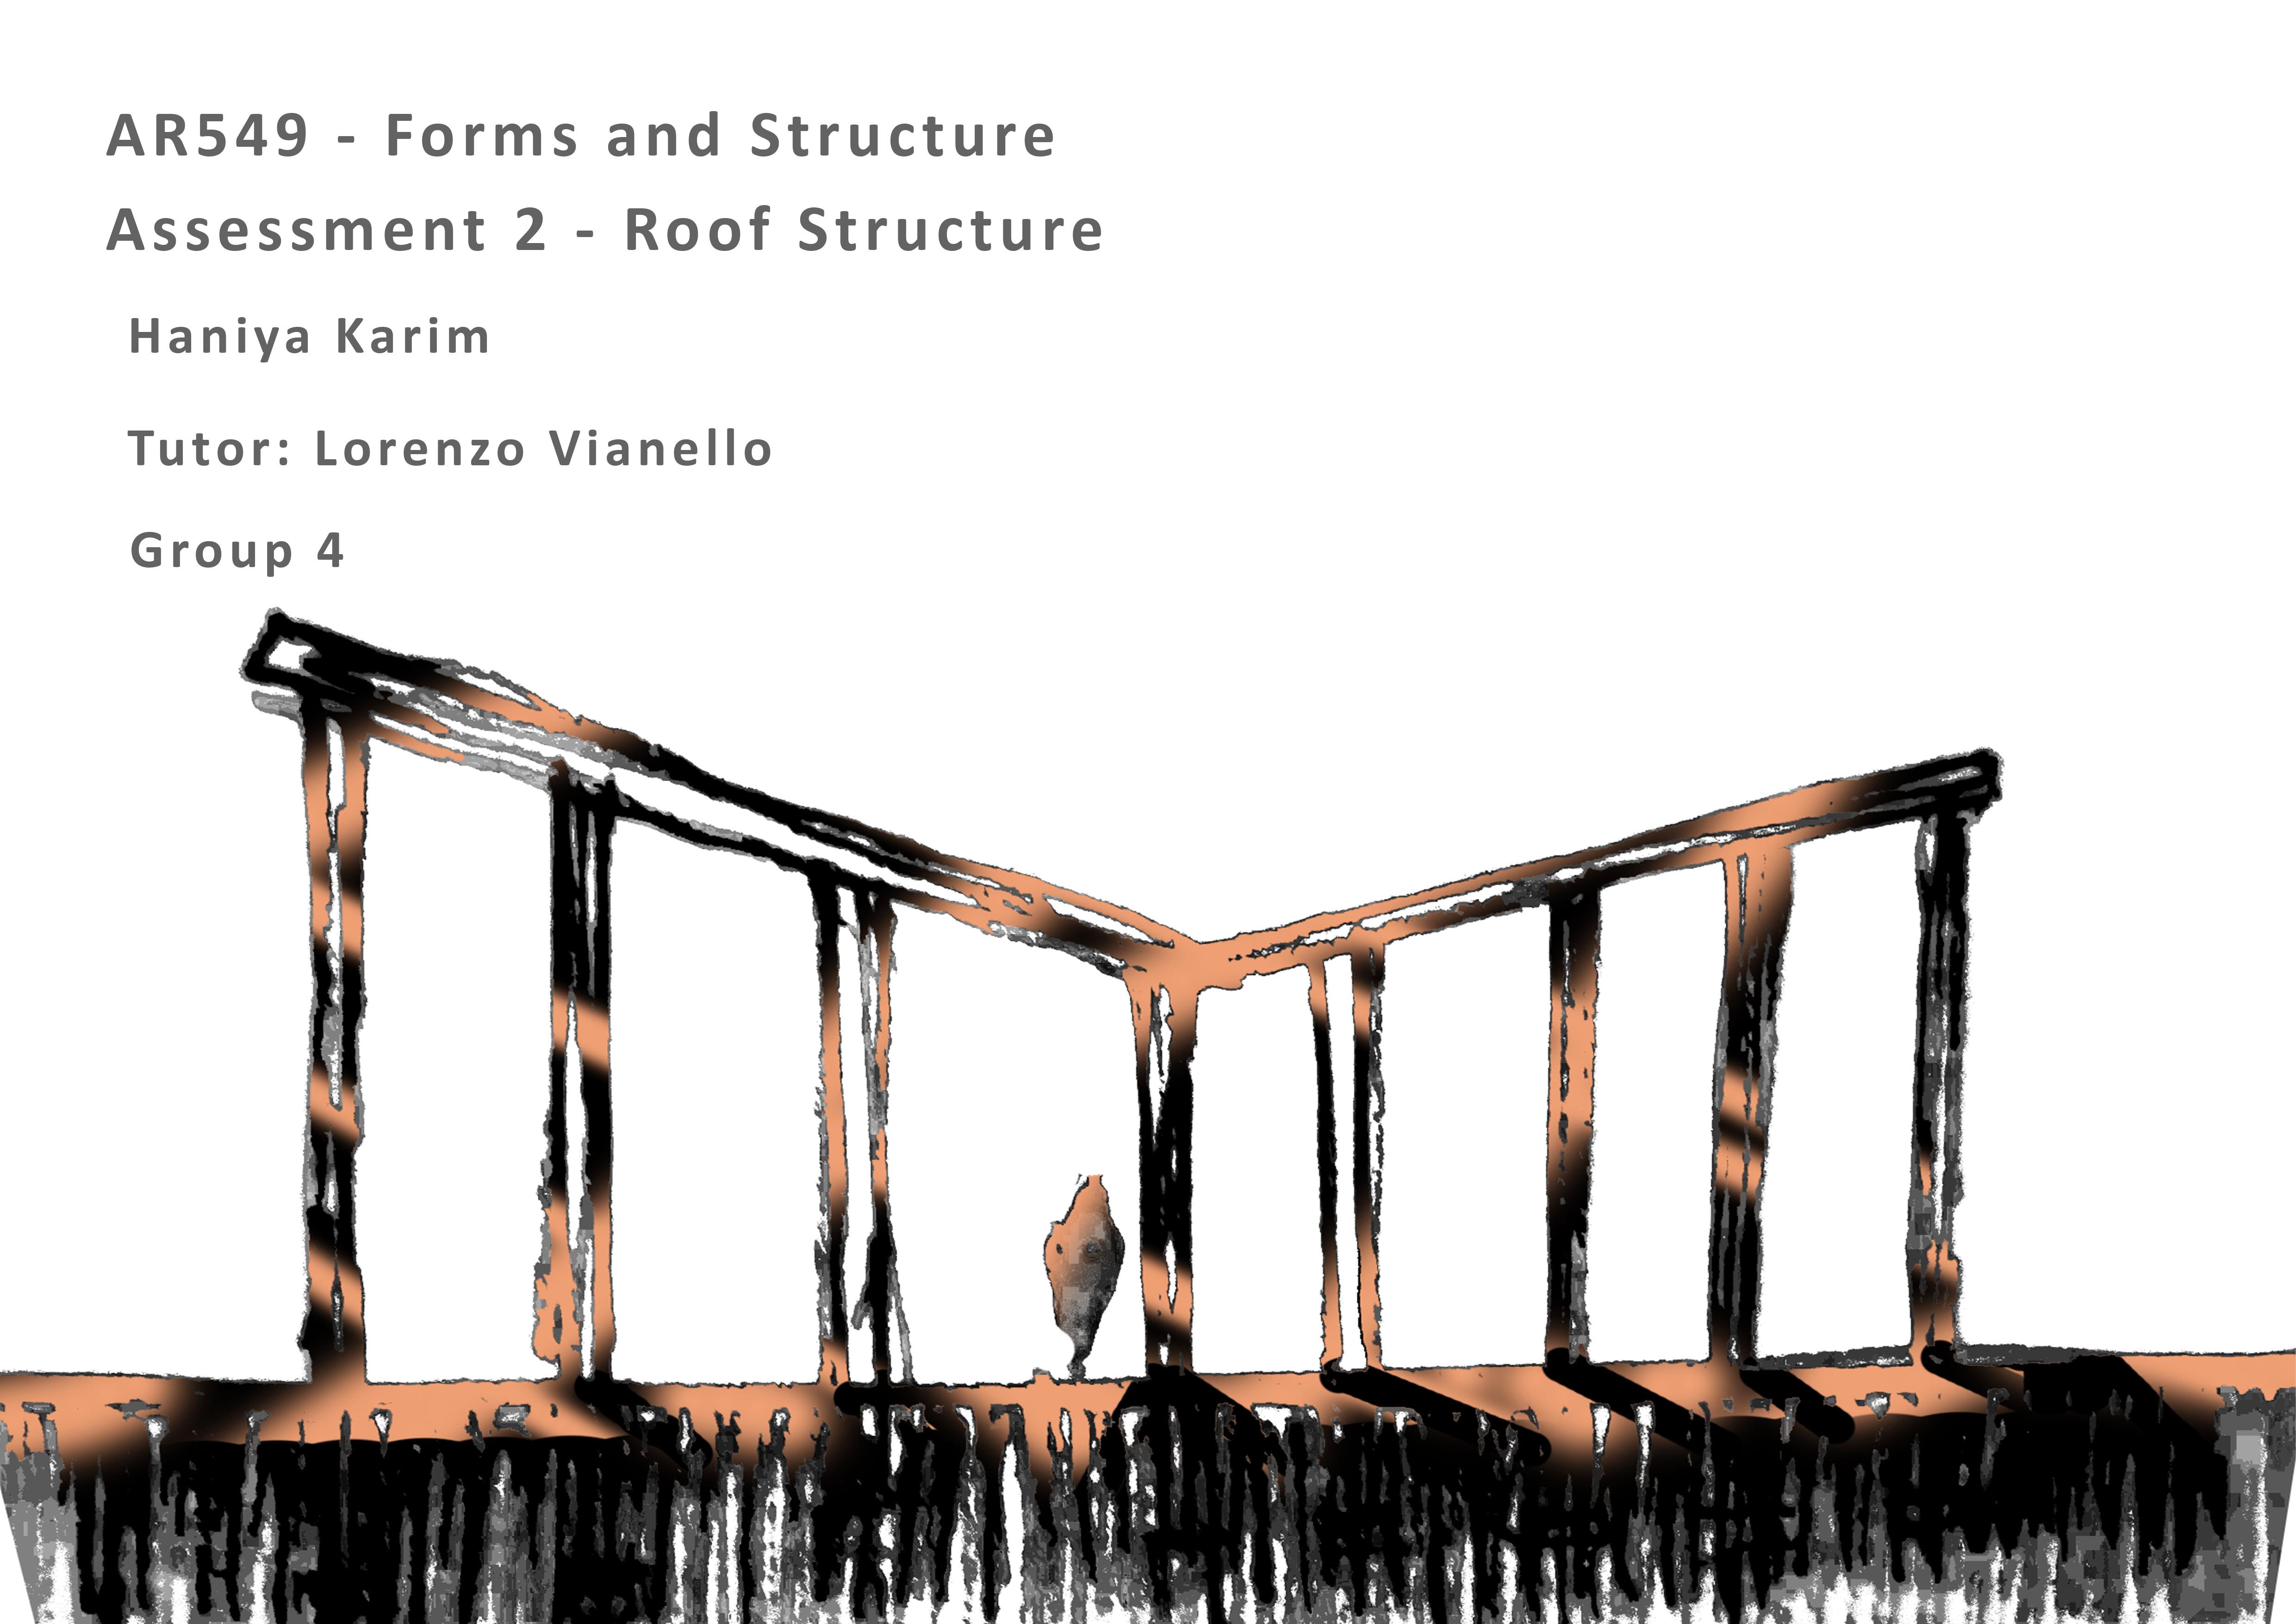 Roof Structure – Haniya Karim